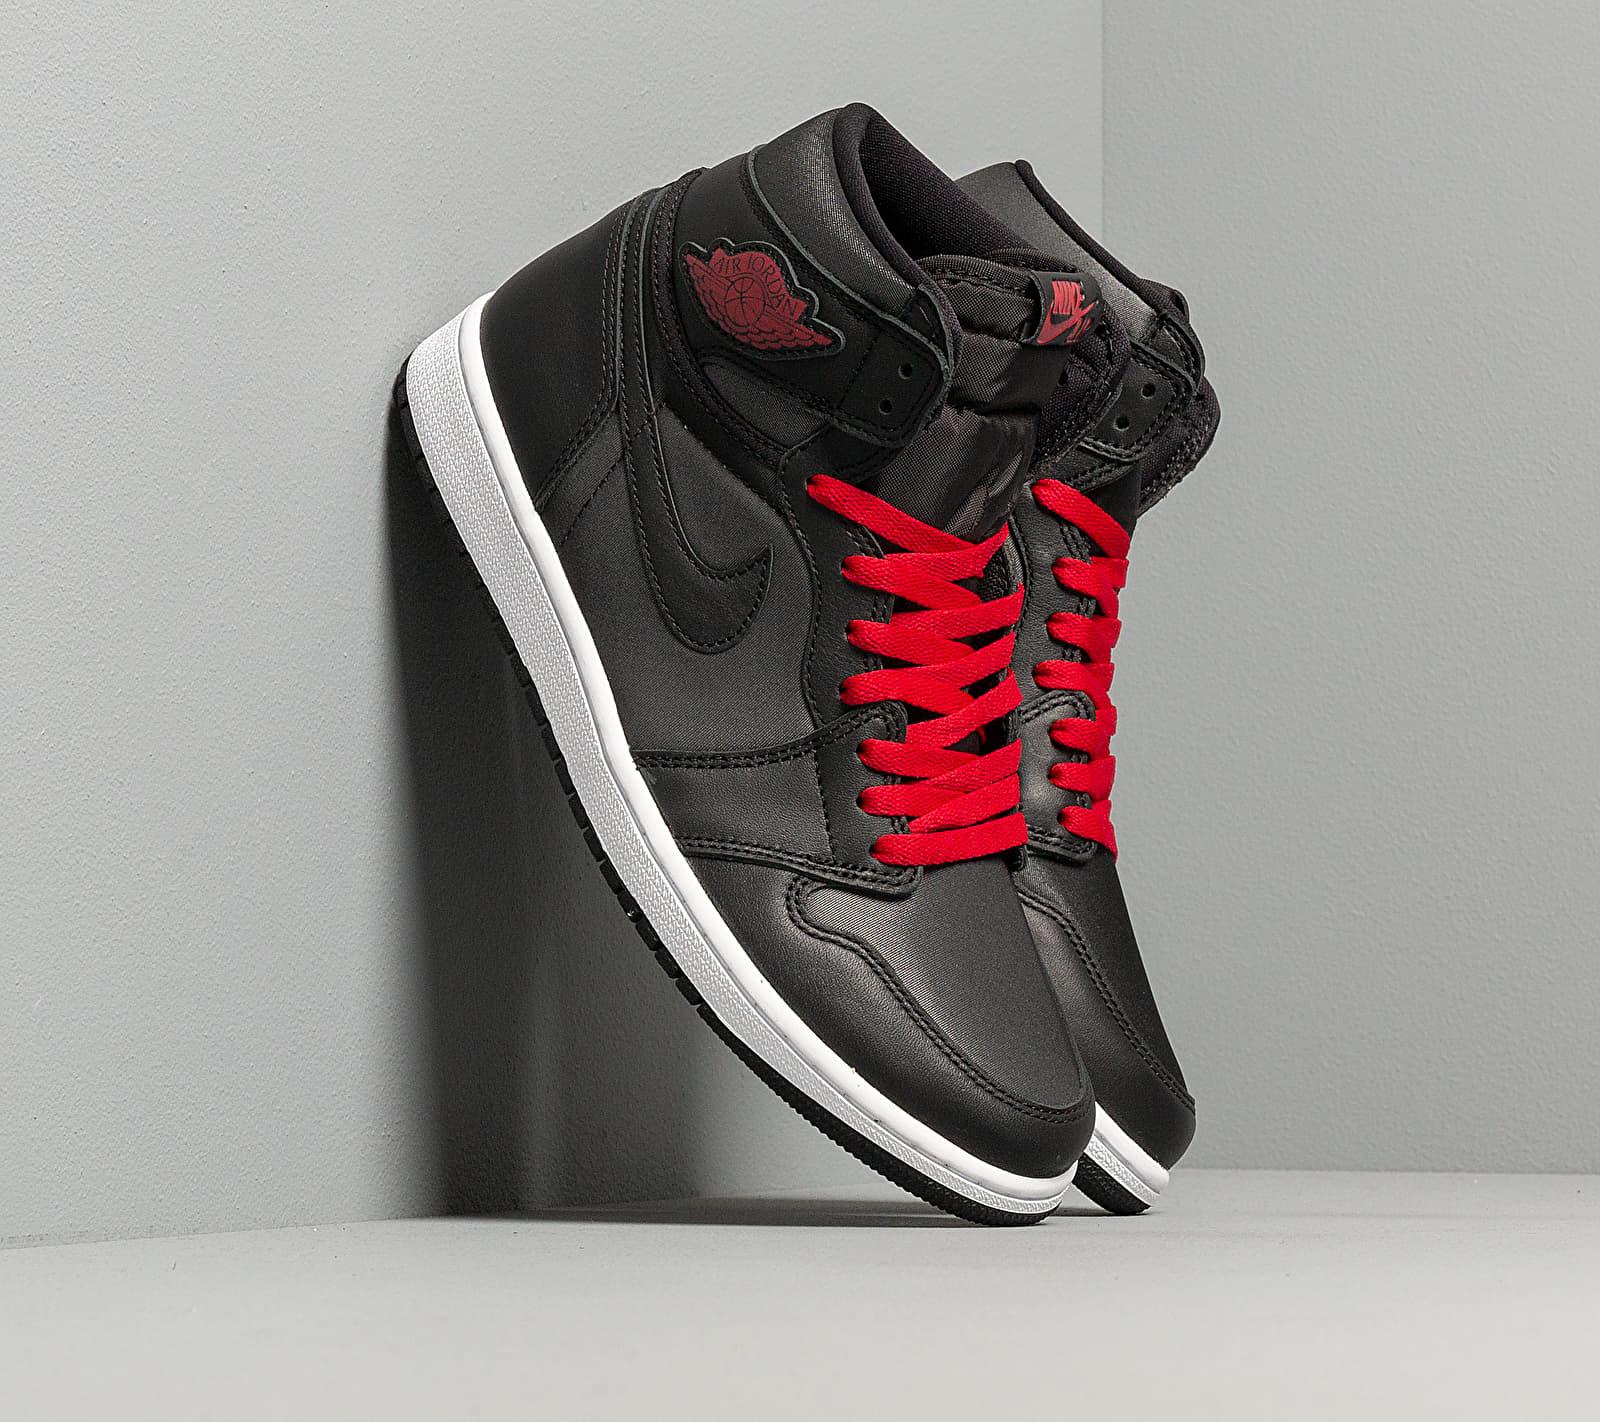 Air Jordan 1 Retro High OG Black/ Gym Red-Black-White EUR 46